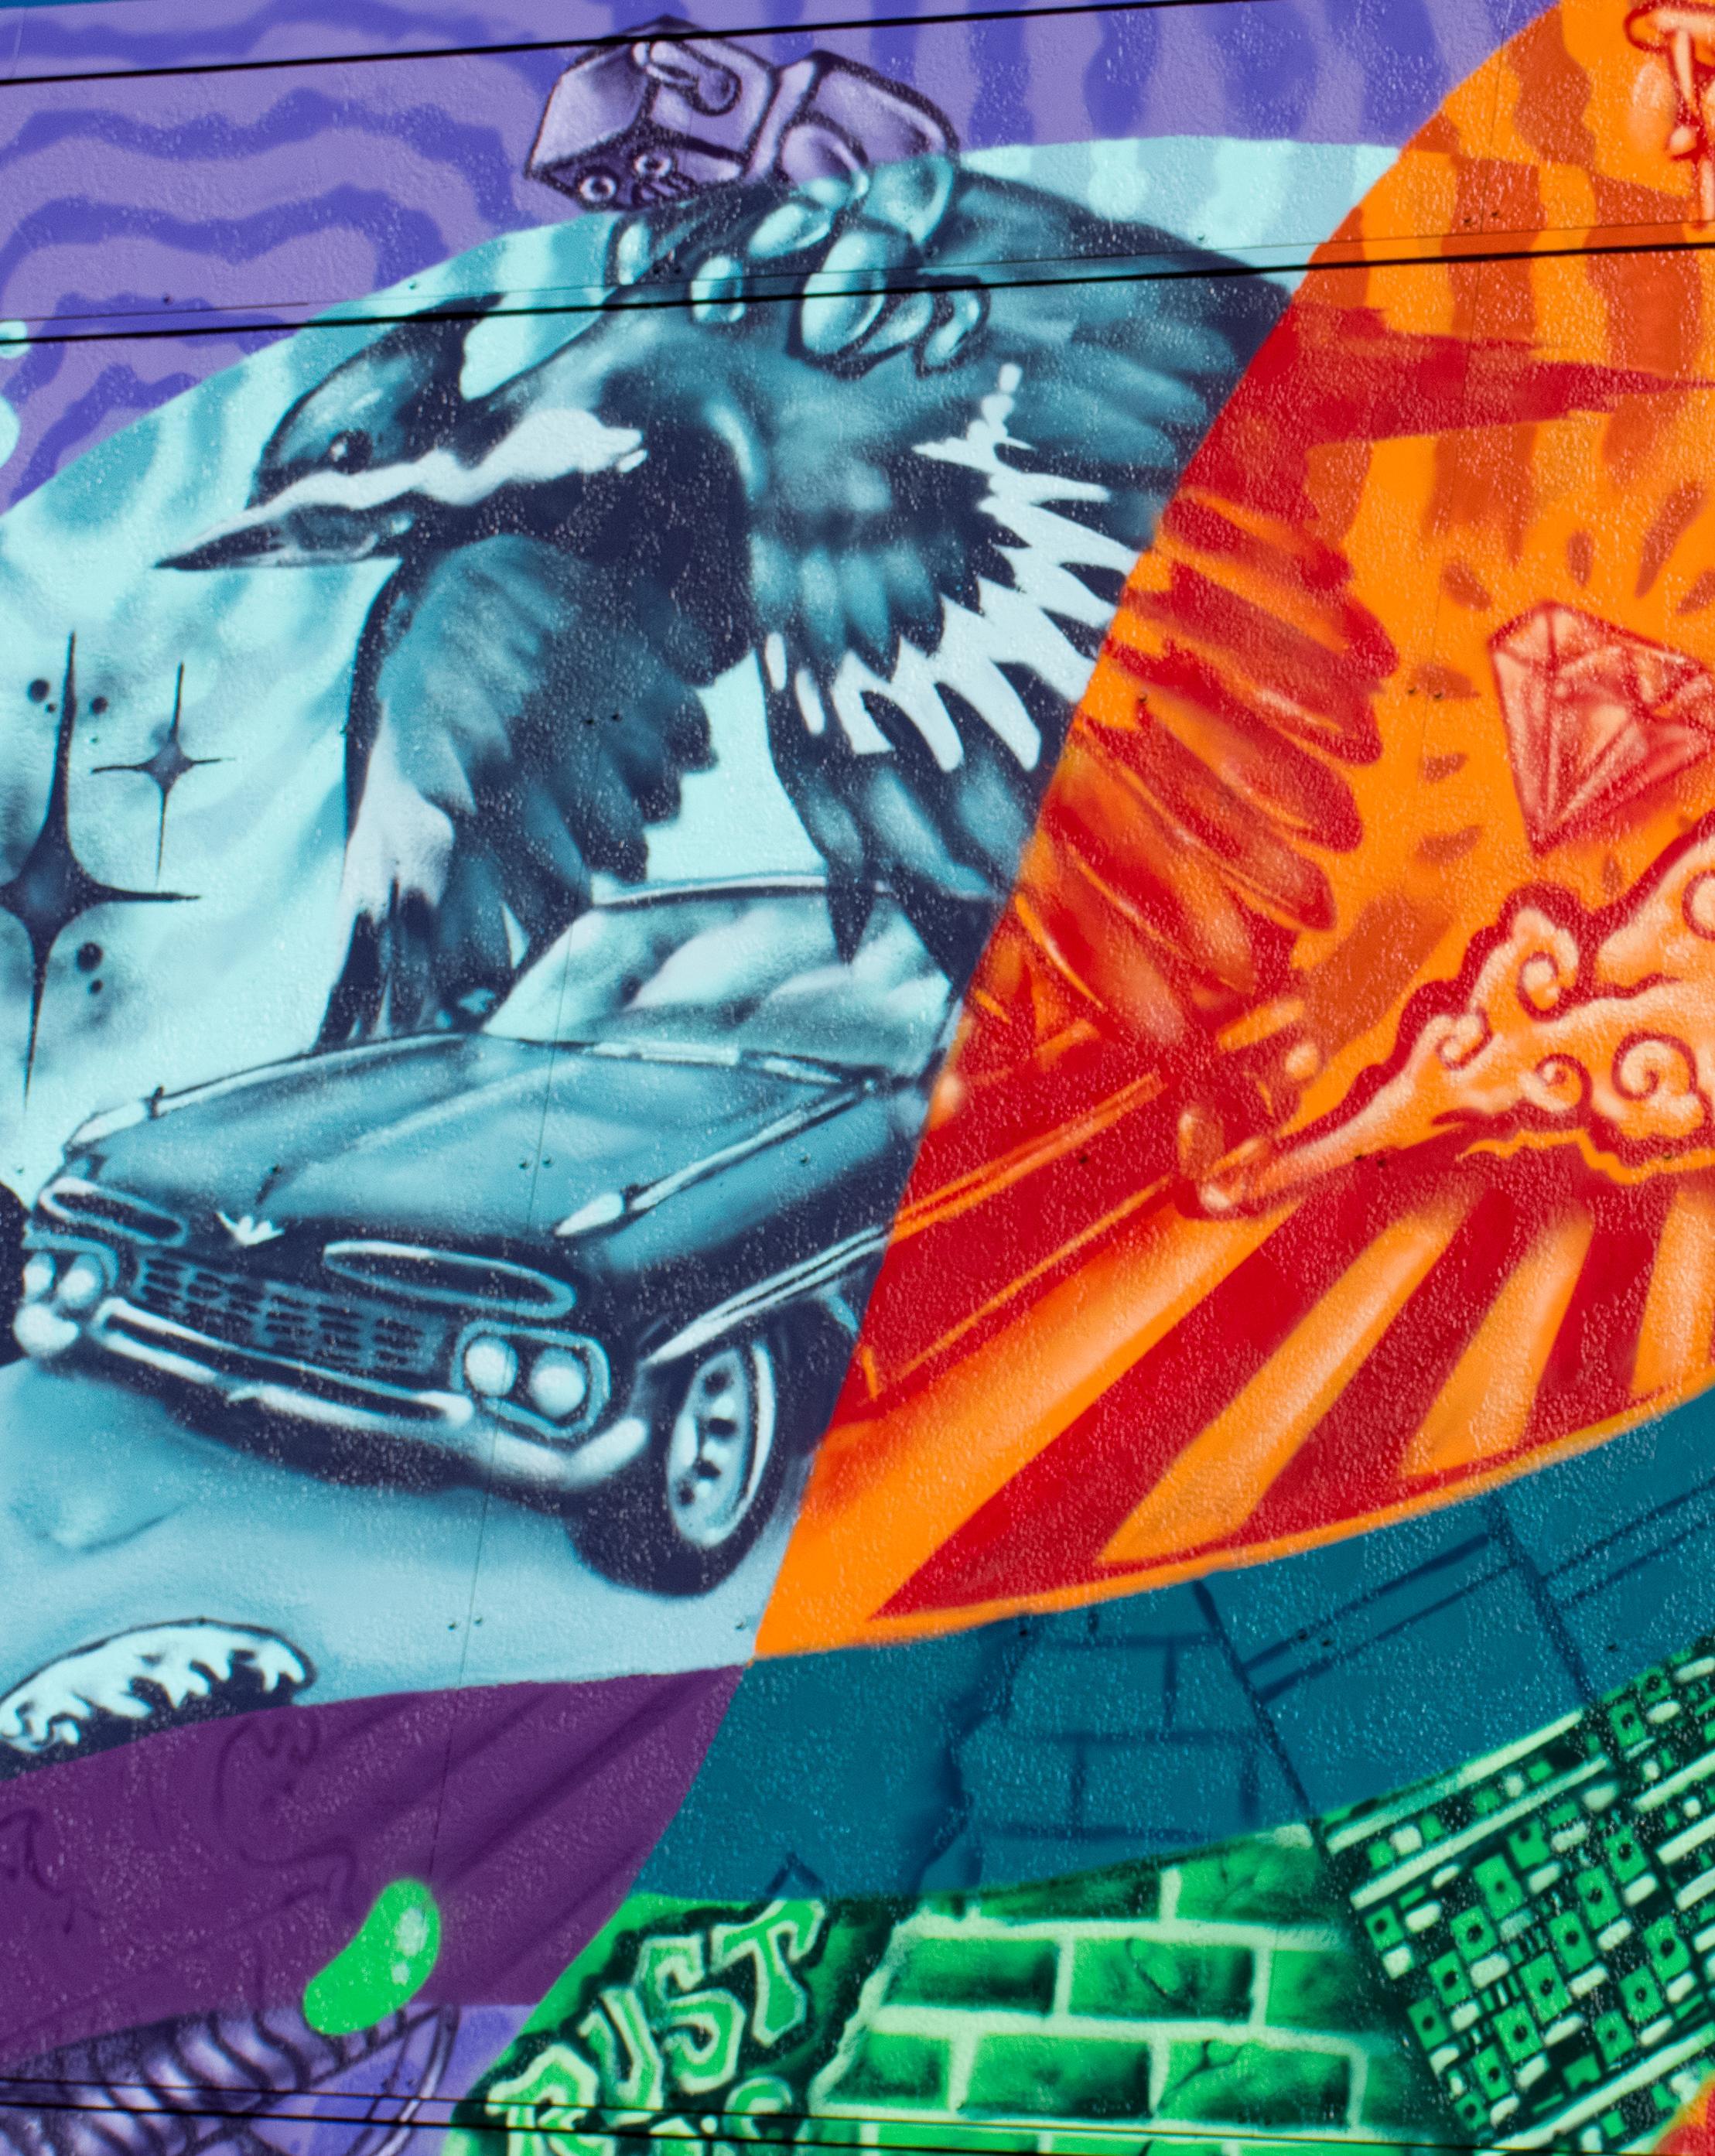 Page 54 of Graffiti Goodness